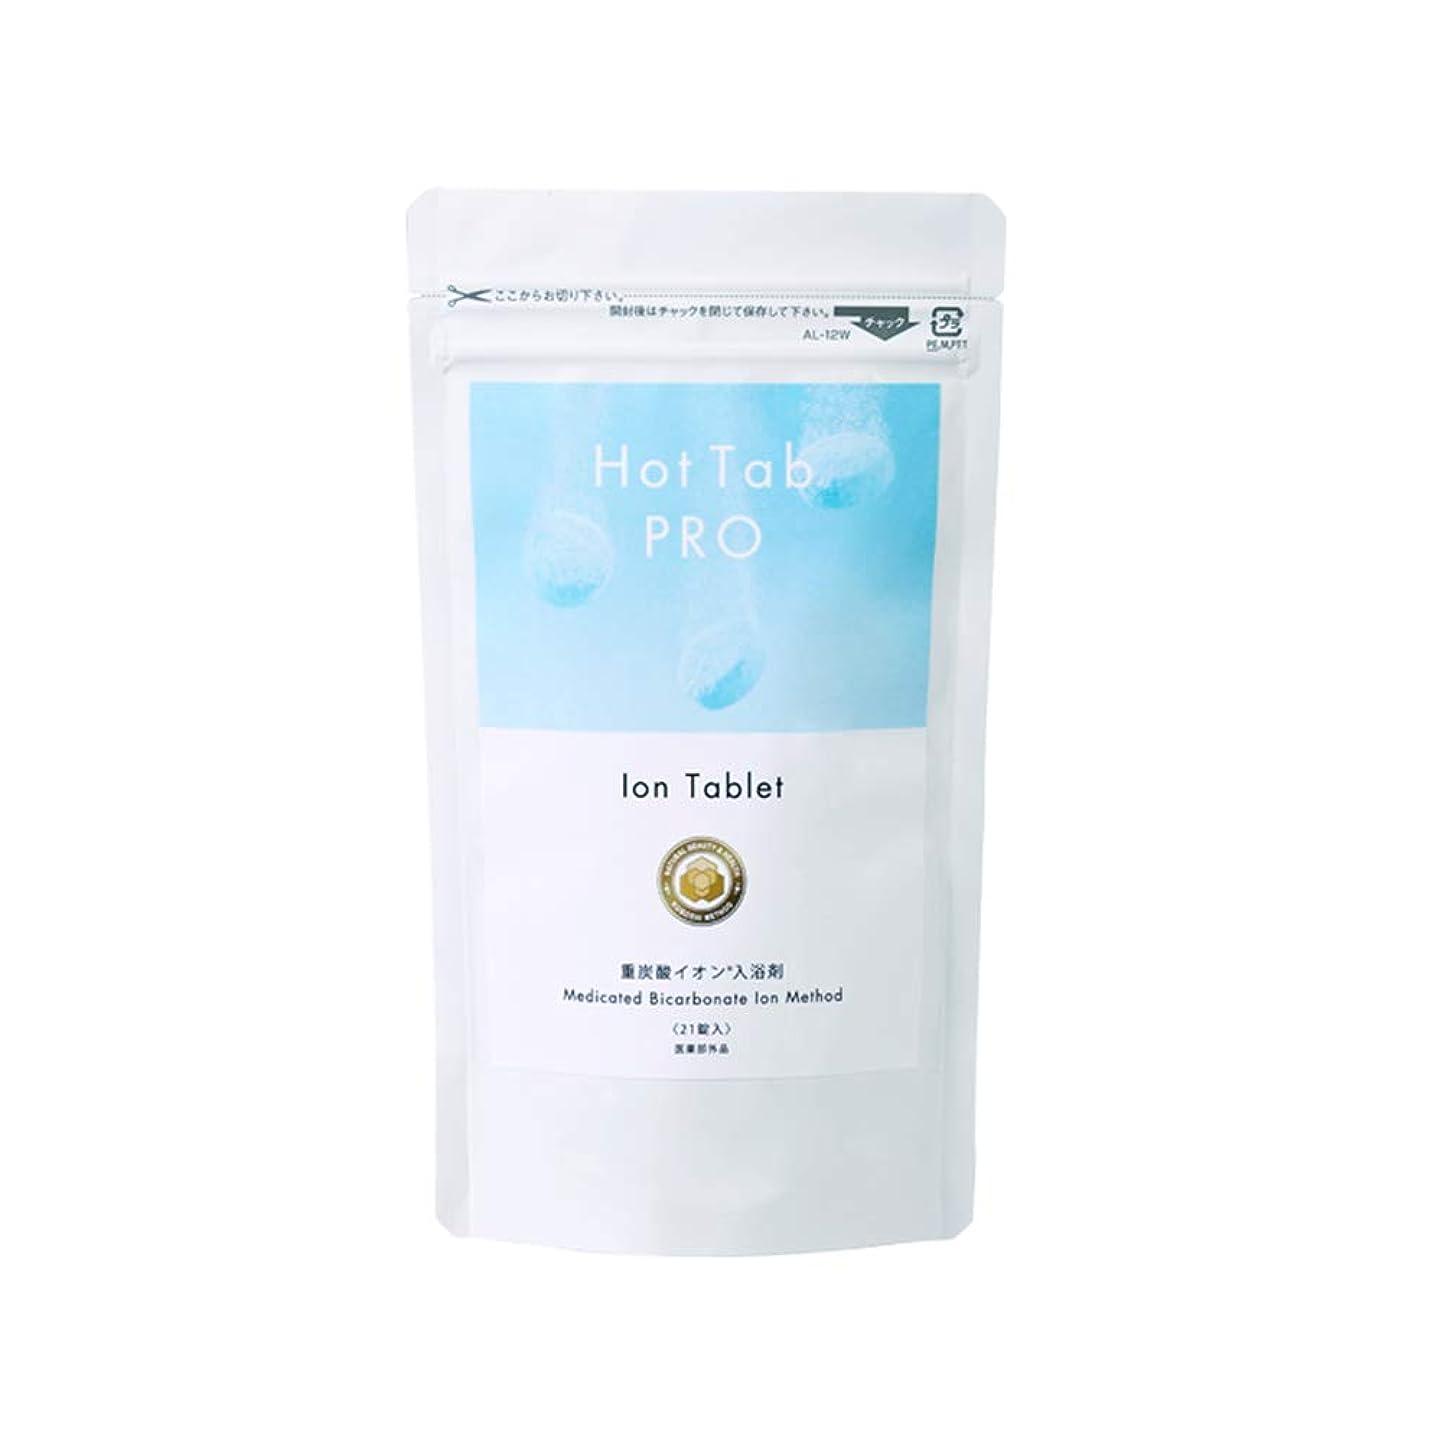 ロビートリクル力強い最新型 日本製なめらか重炭酸入浴剤「ホットタブPro」(デリケートな肌でも安心 無香料 無着色 中性pH) (21錠セット)